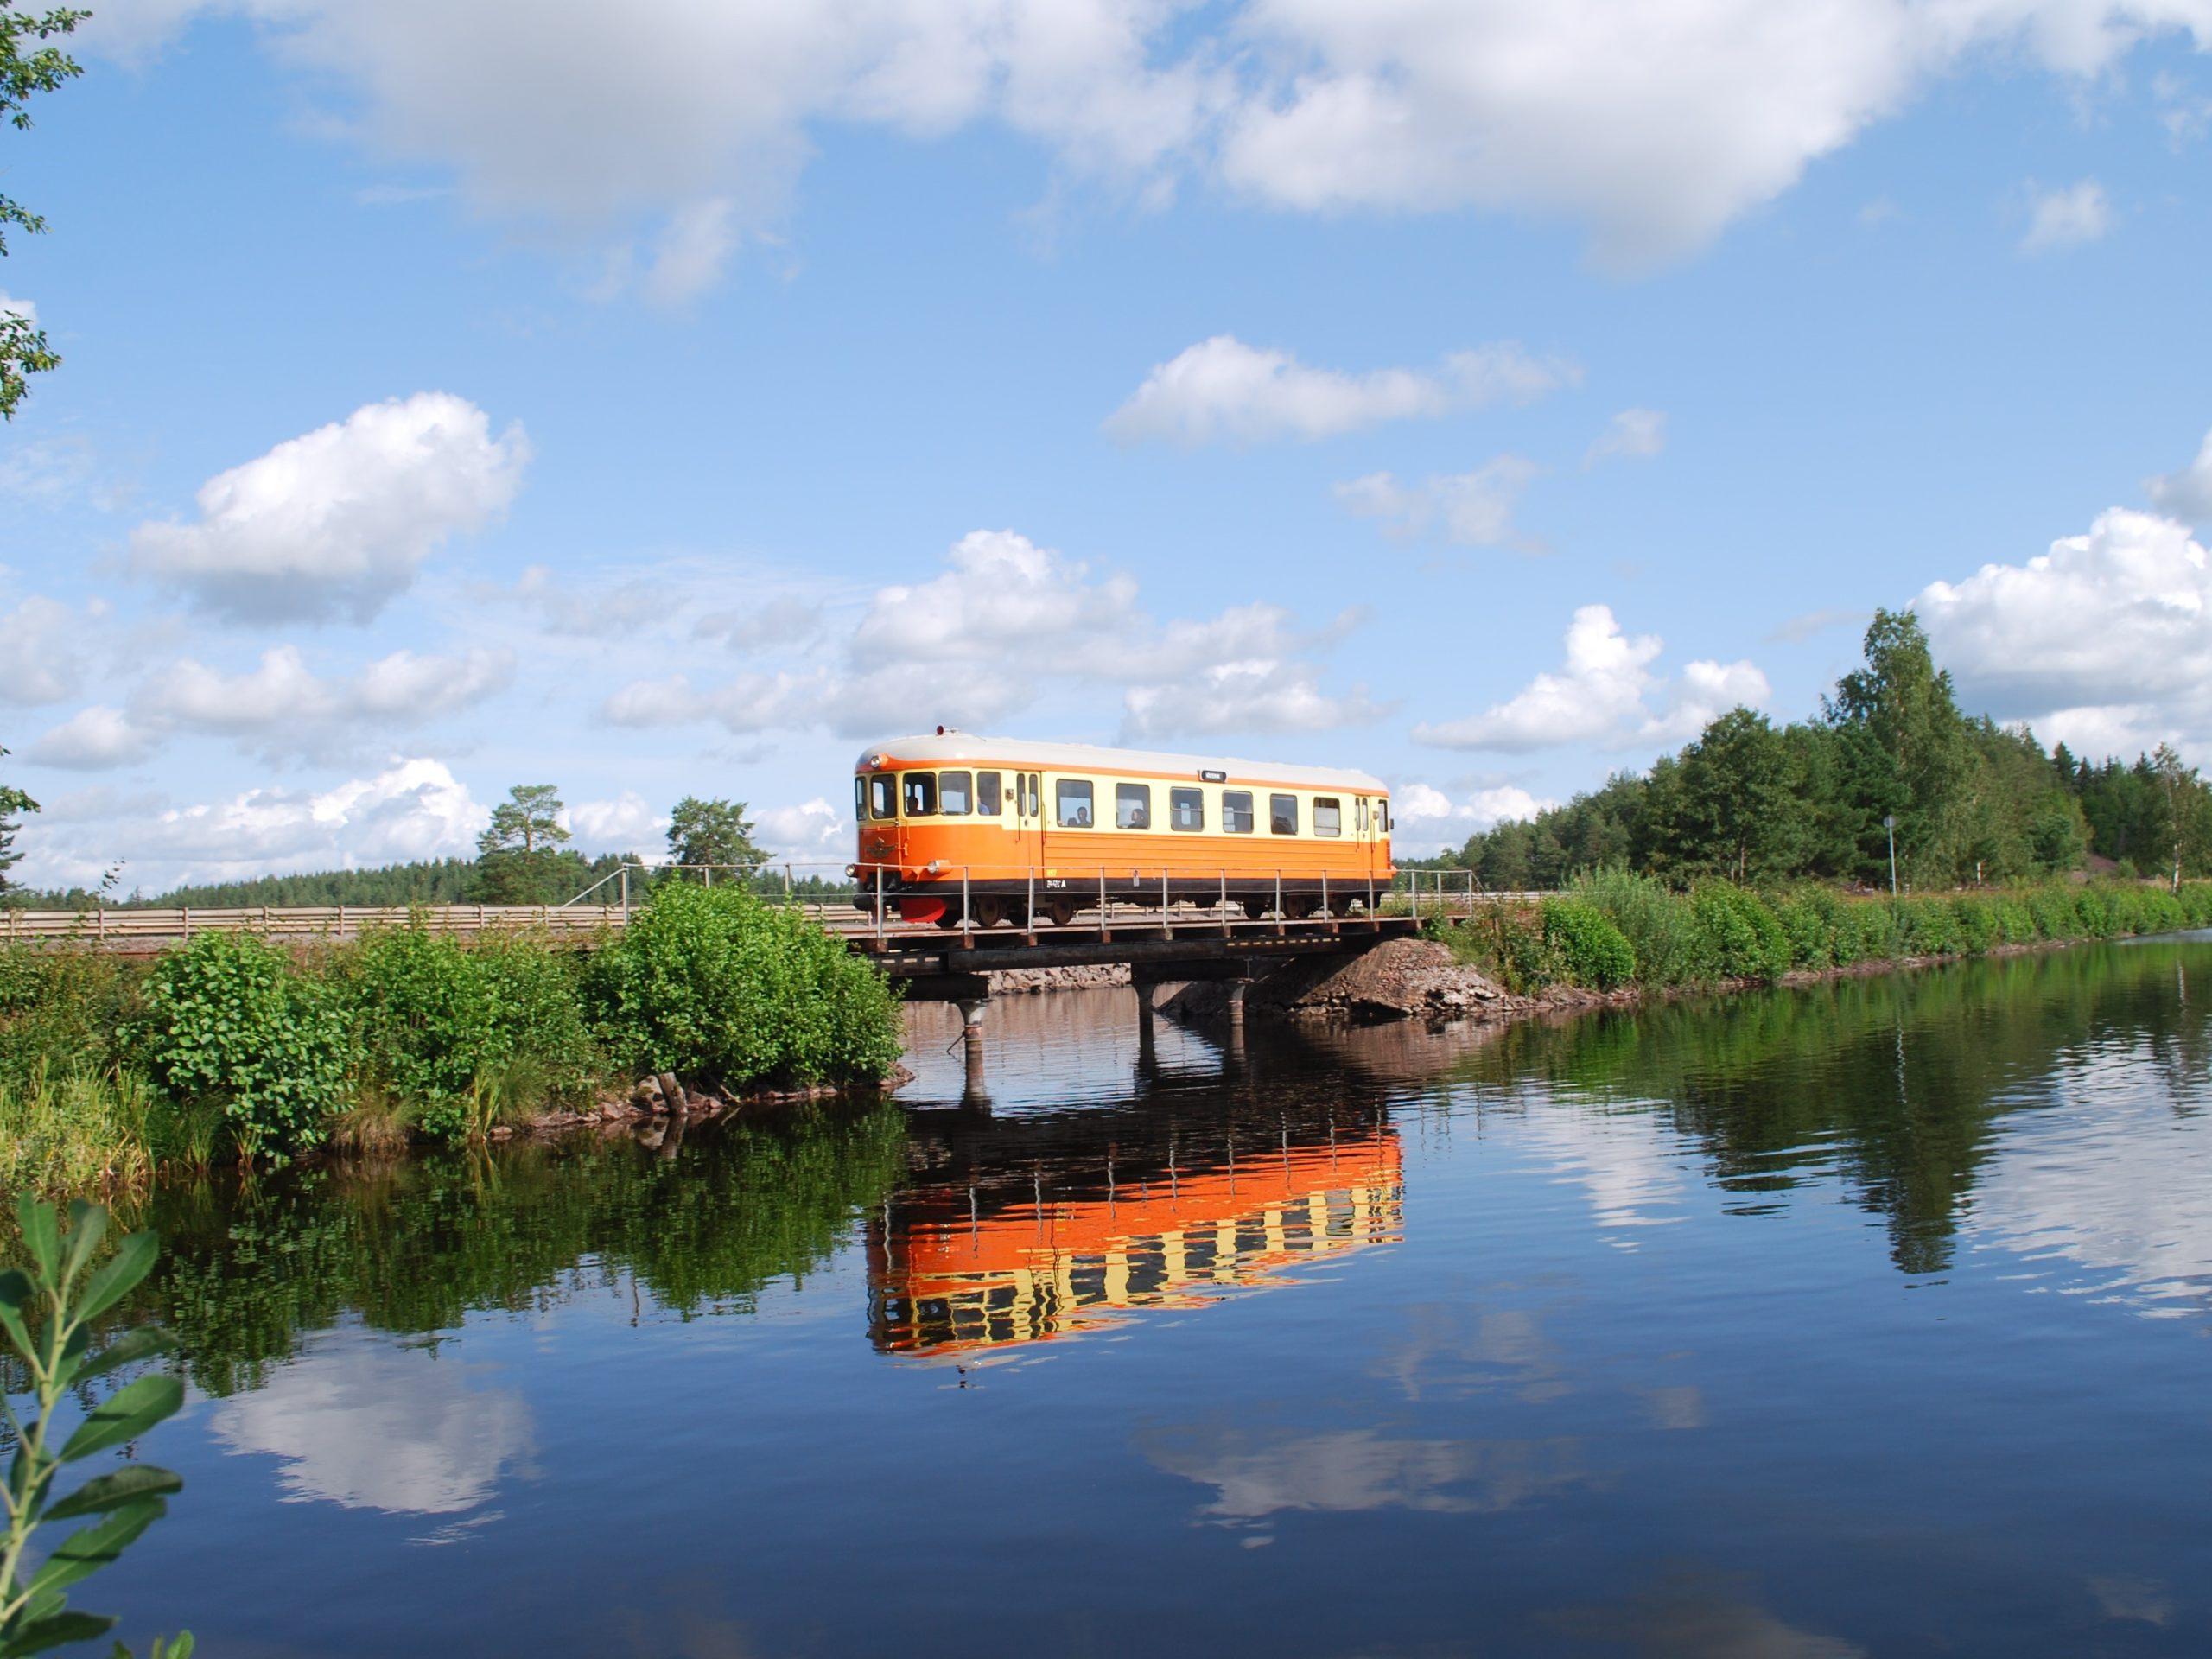 SmalspåretHultsfredVästervik Picha TjustbygdensJärnvägförening 4 1 imepunguzwa